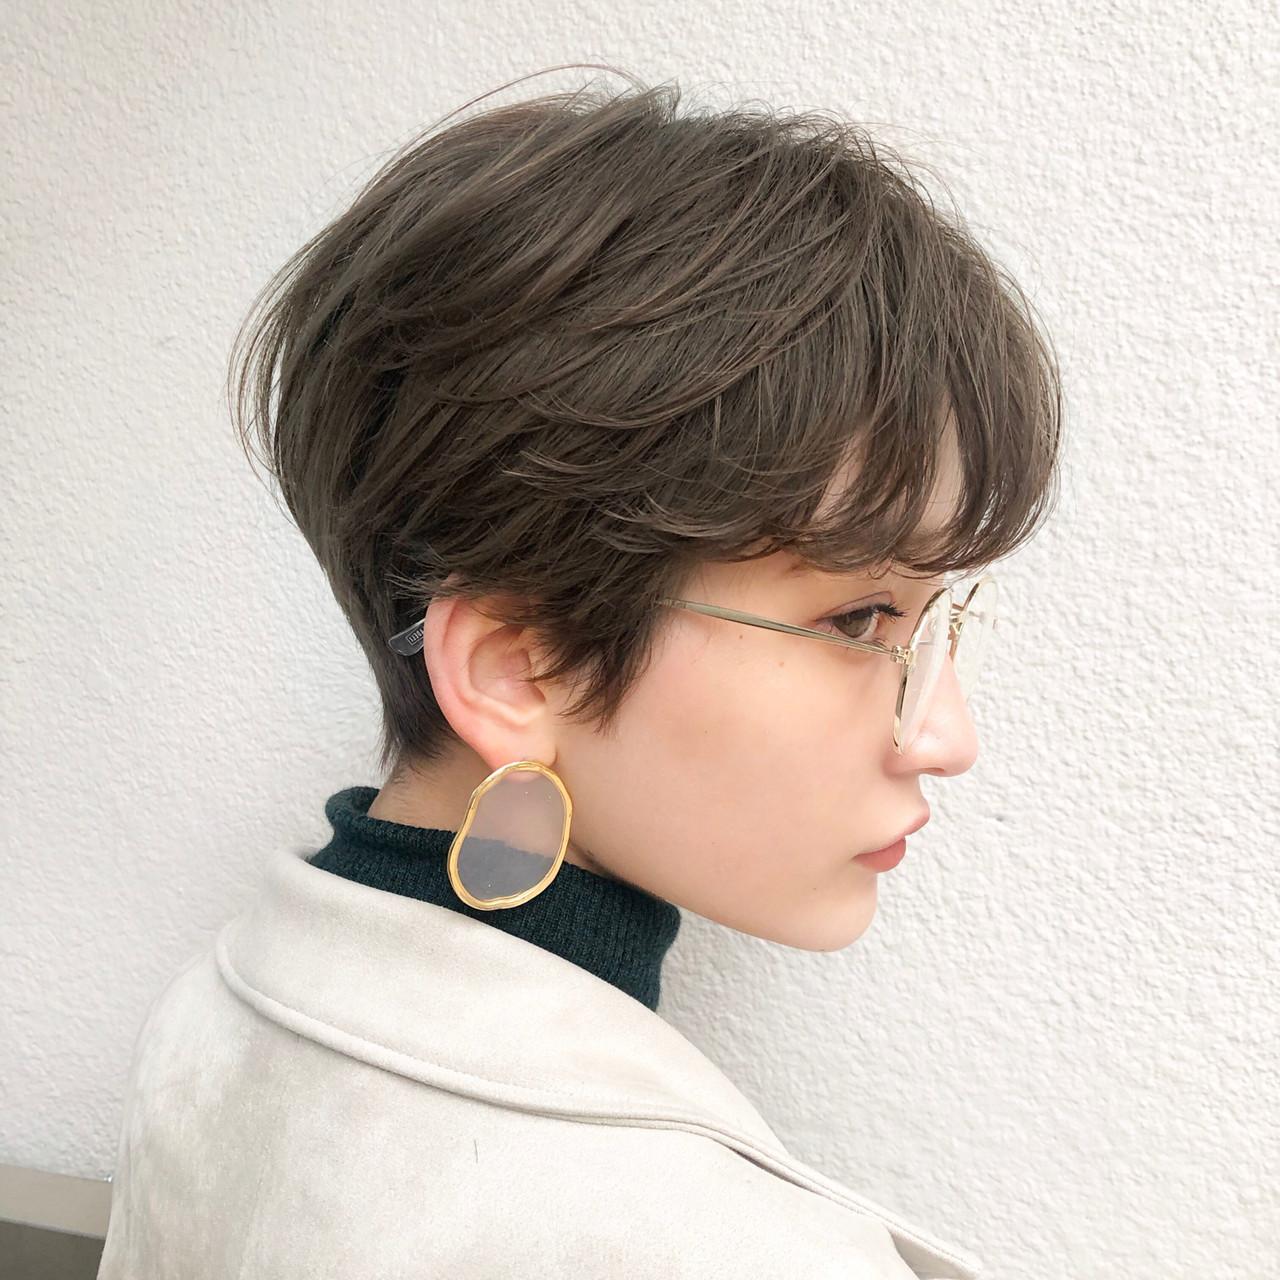 オフィス ナチュラル 結婚式 ヘアアレンジ ヘアスタイルや髪型の写真・画像 | 村田勝利 / TONI&GUY JAPAN 広尾